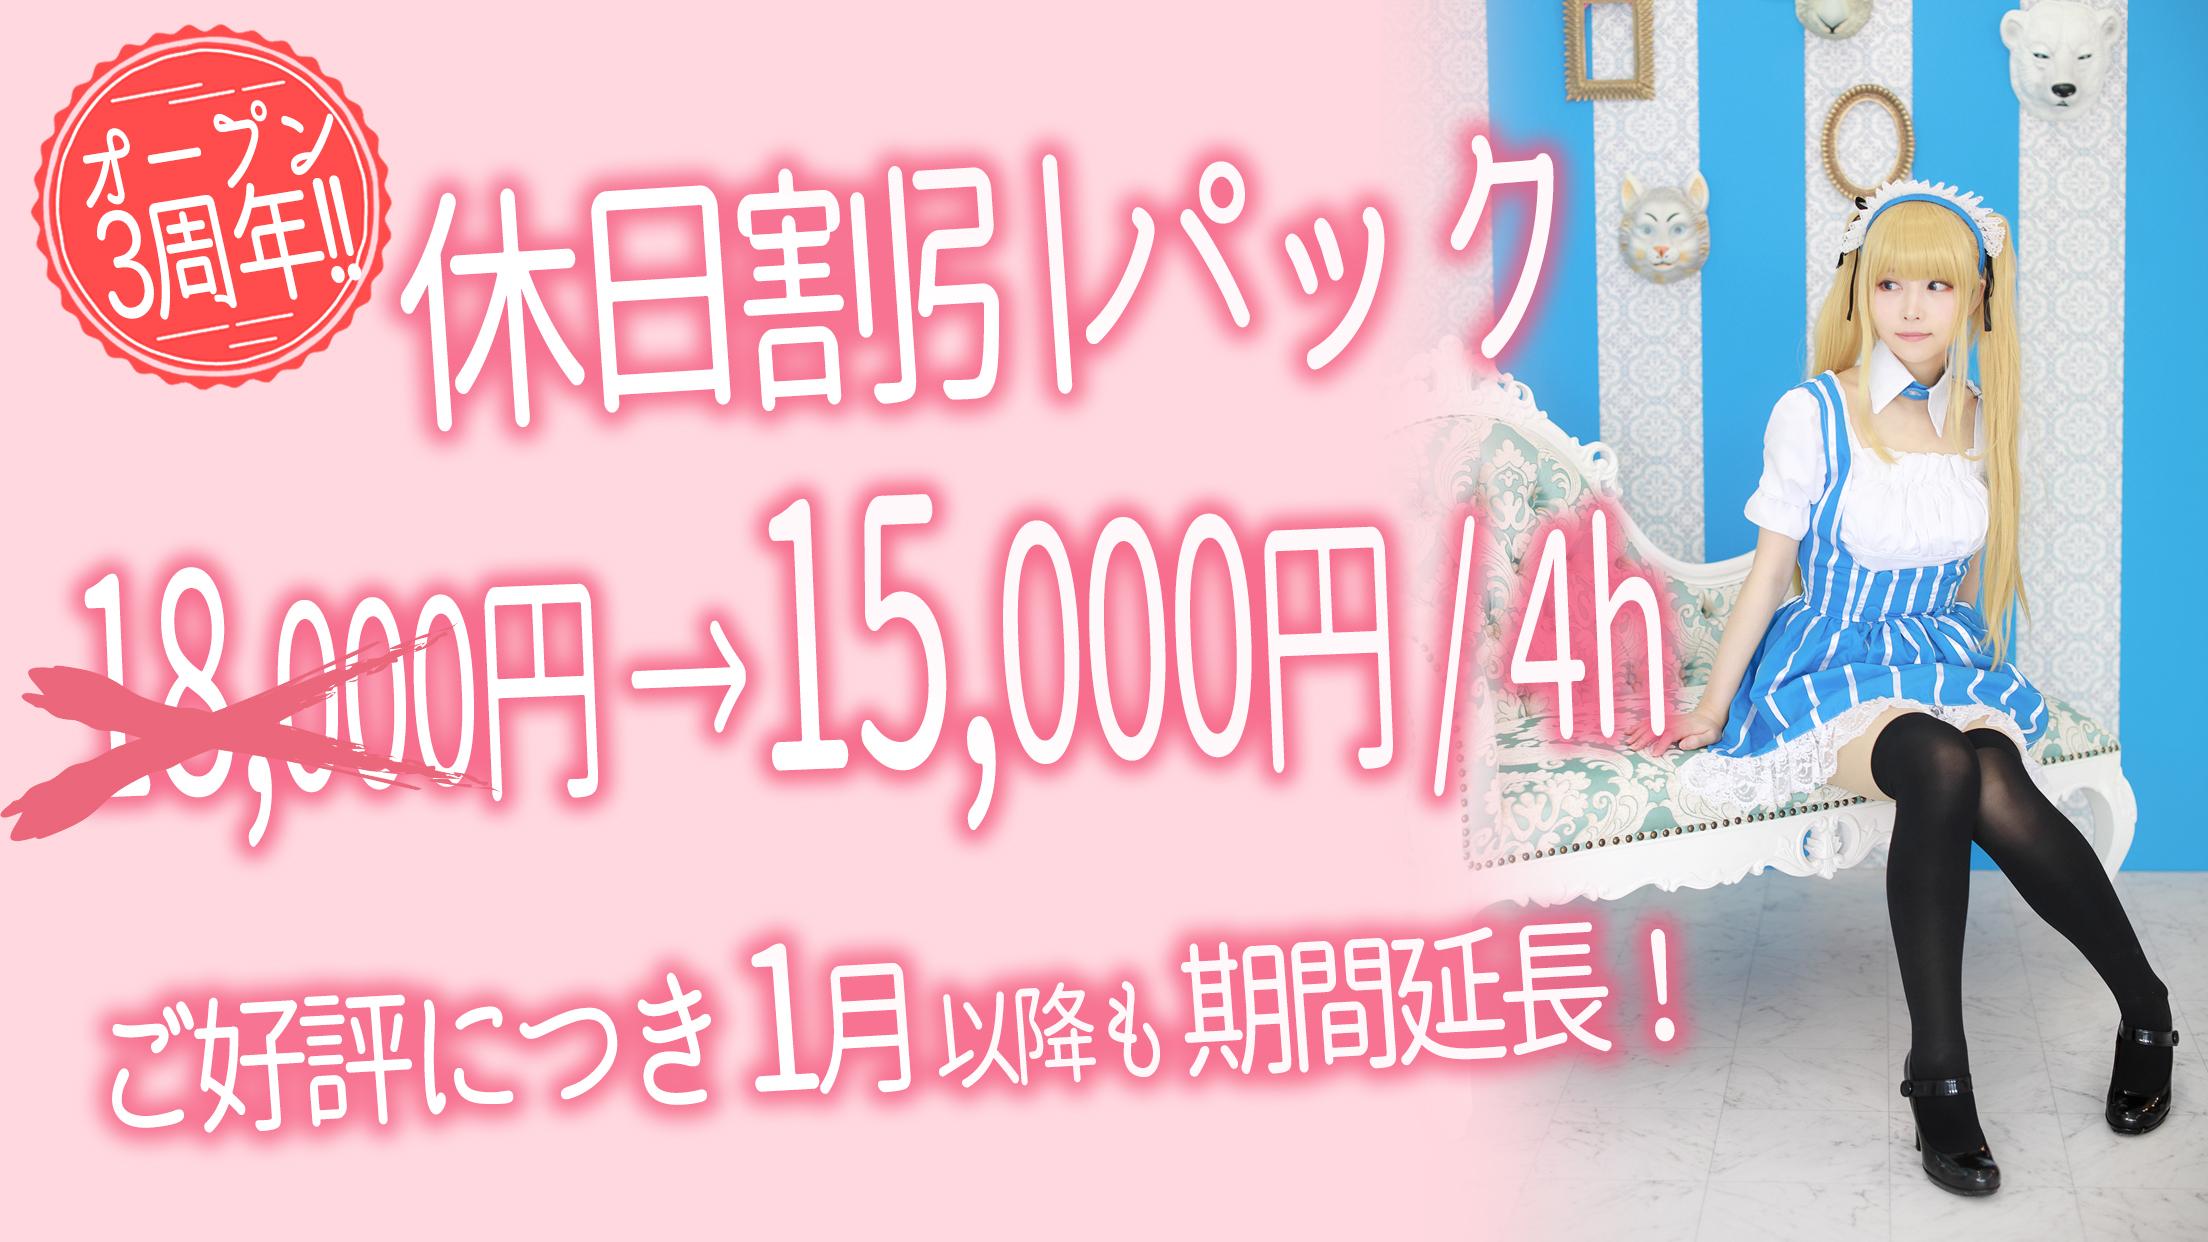 4時間 15,000円のお得な休日プラン!